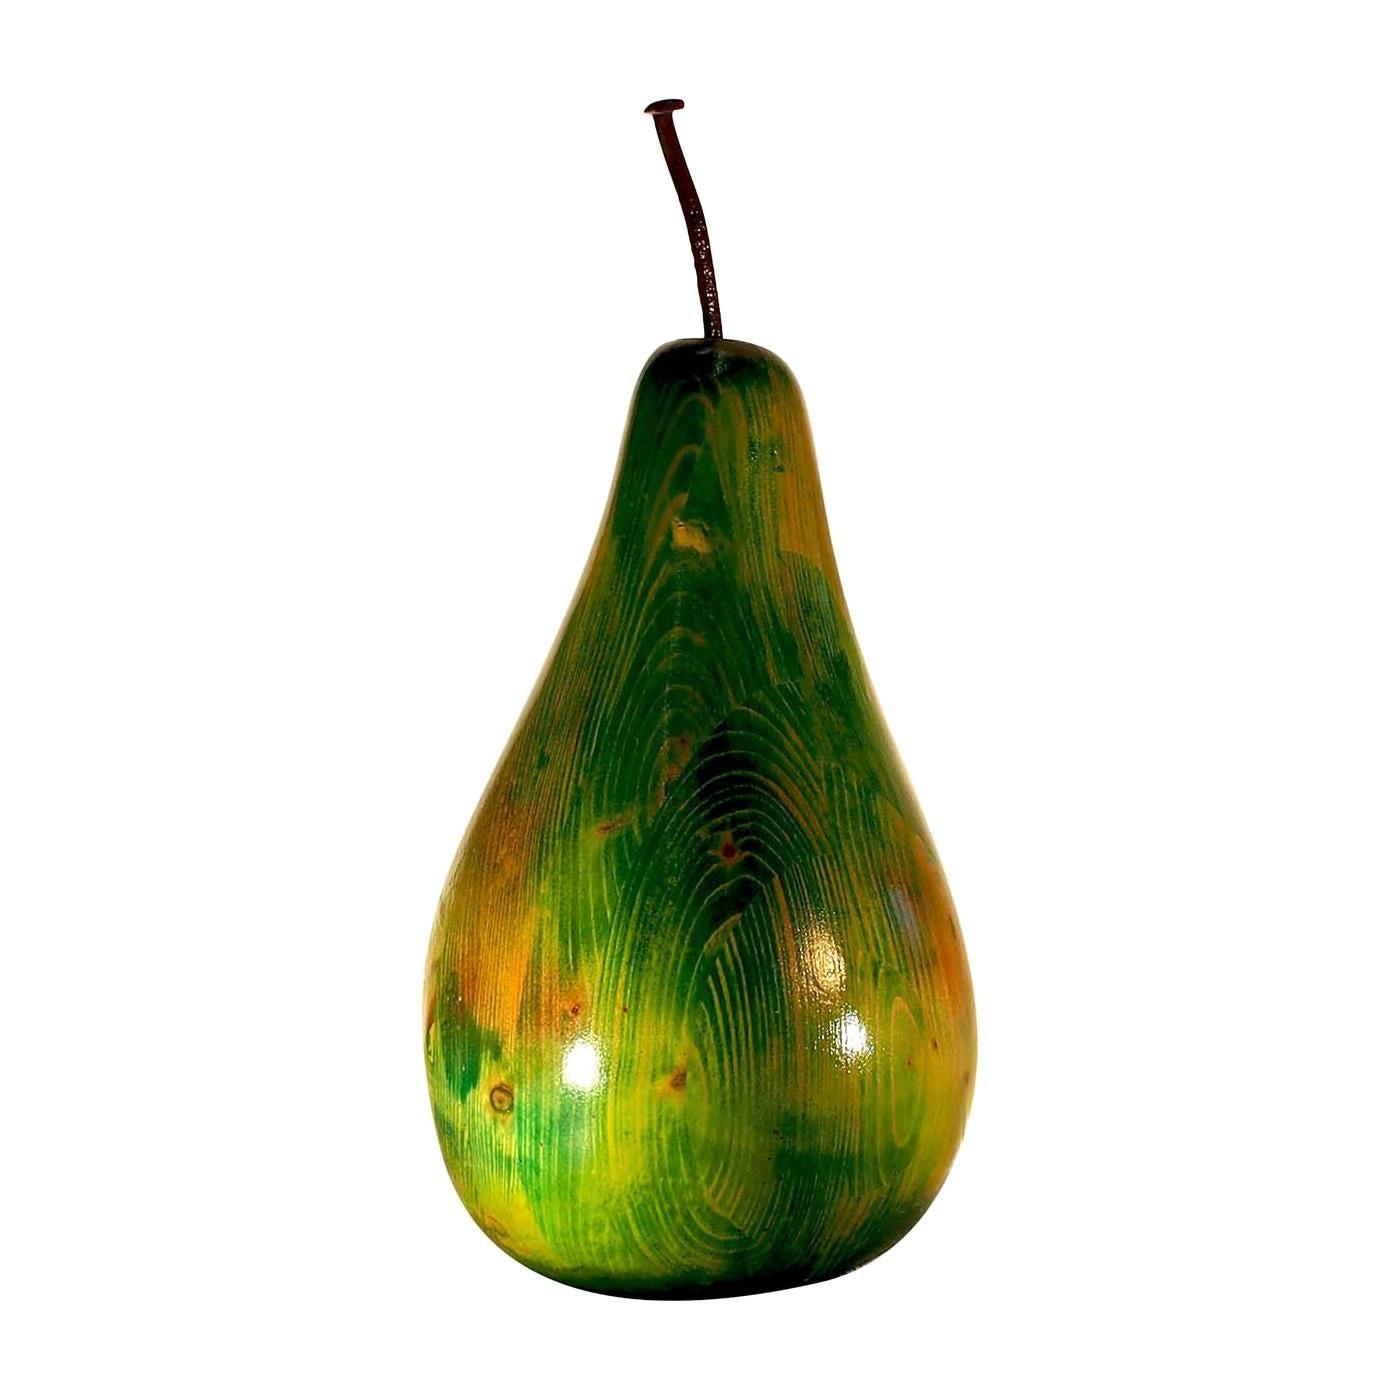 Shiny Green Pear